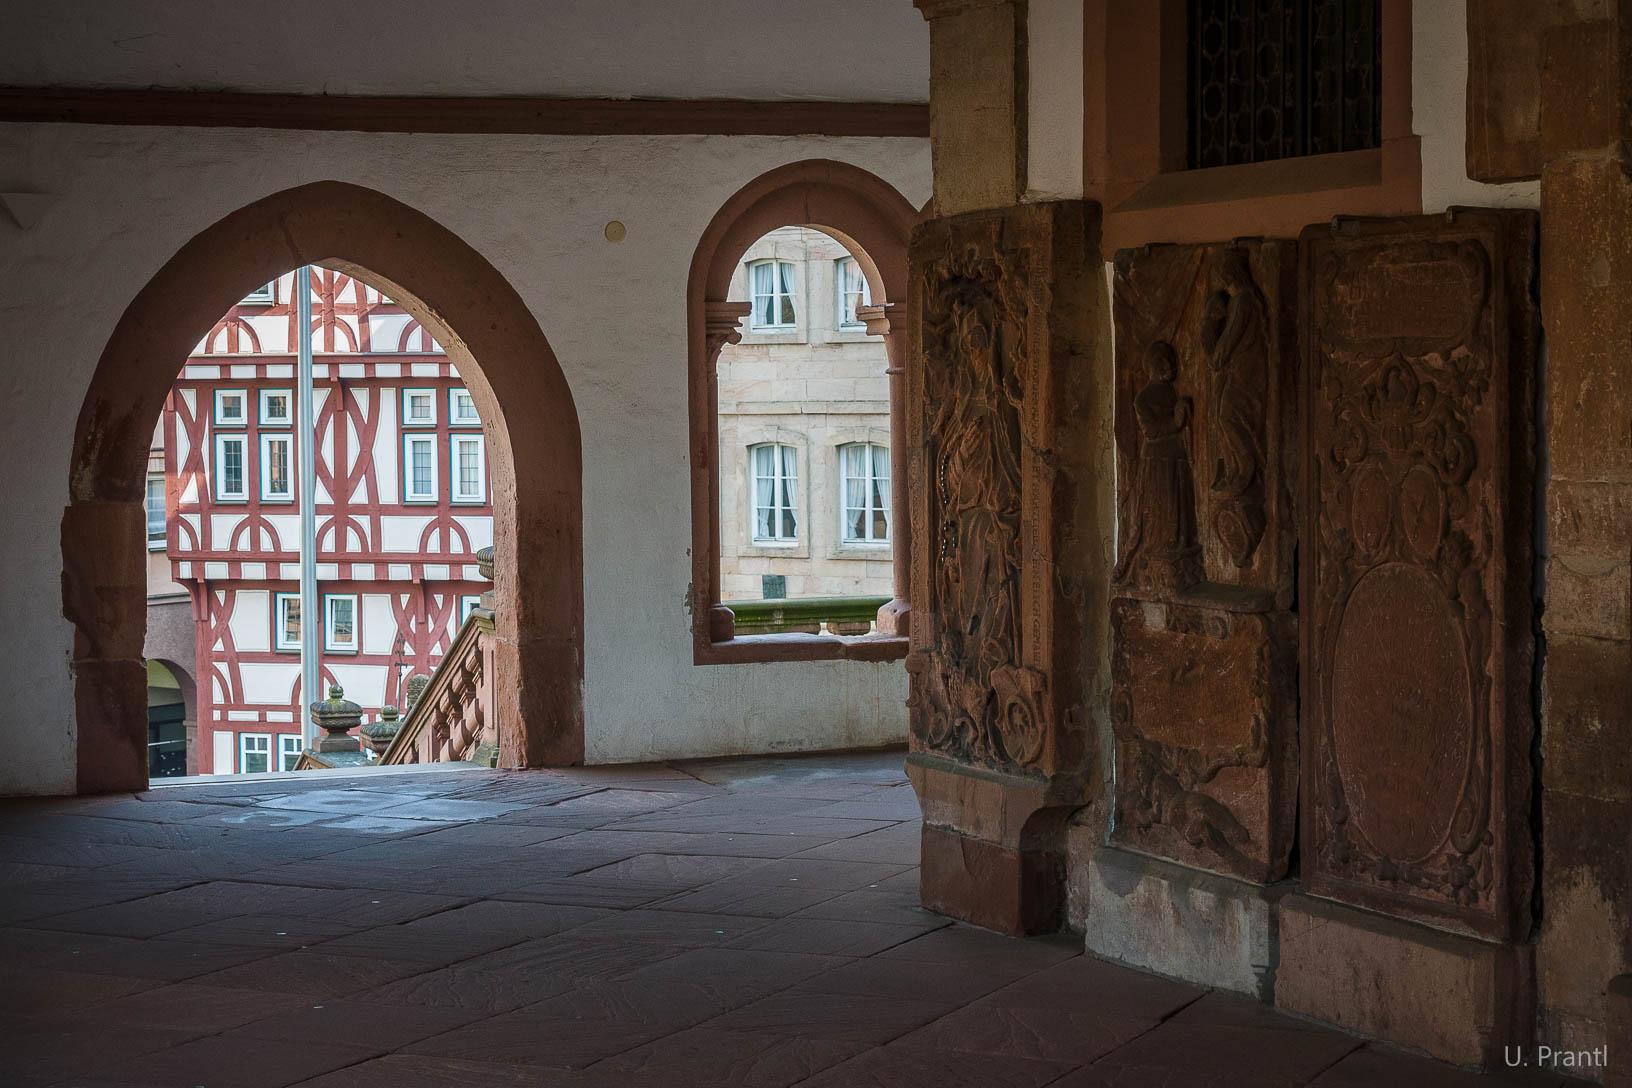 Aschaffenburg Stiftsbasilika, Stiftsplatz